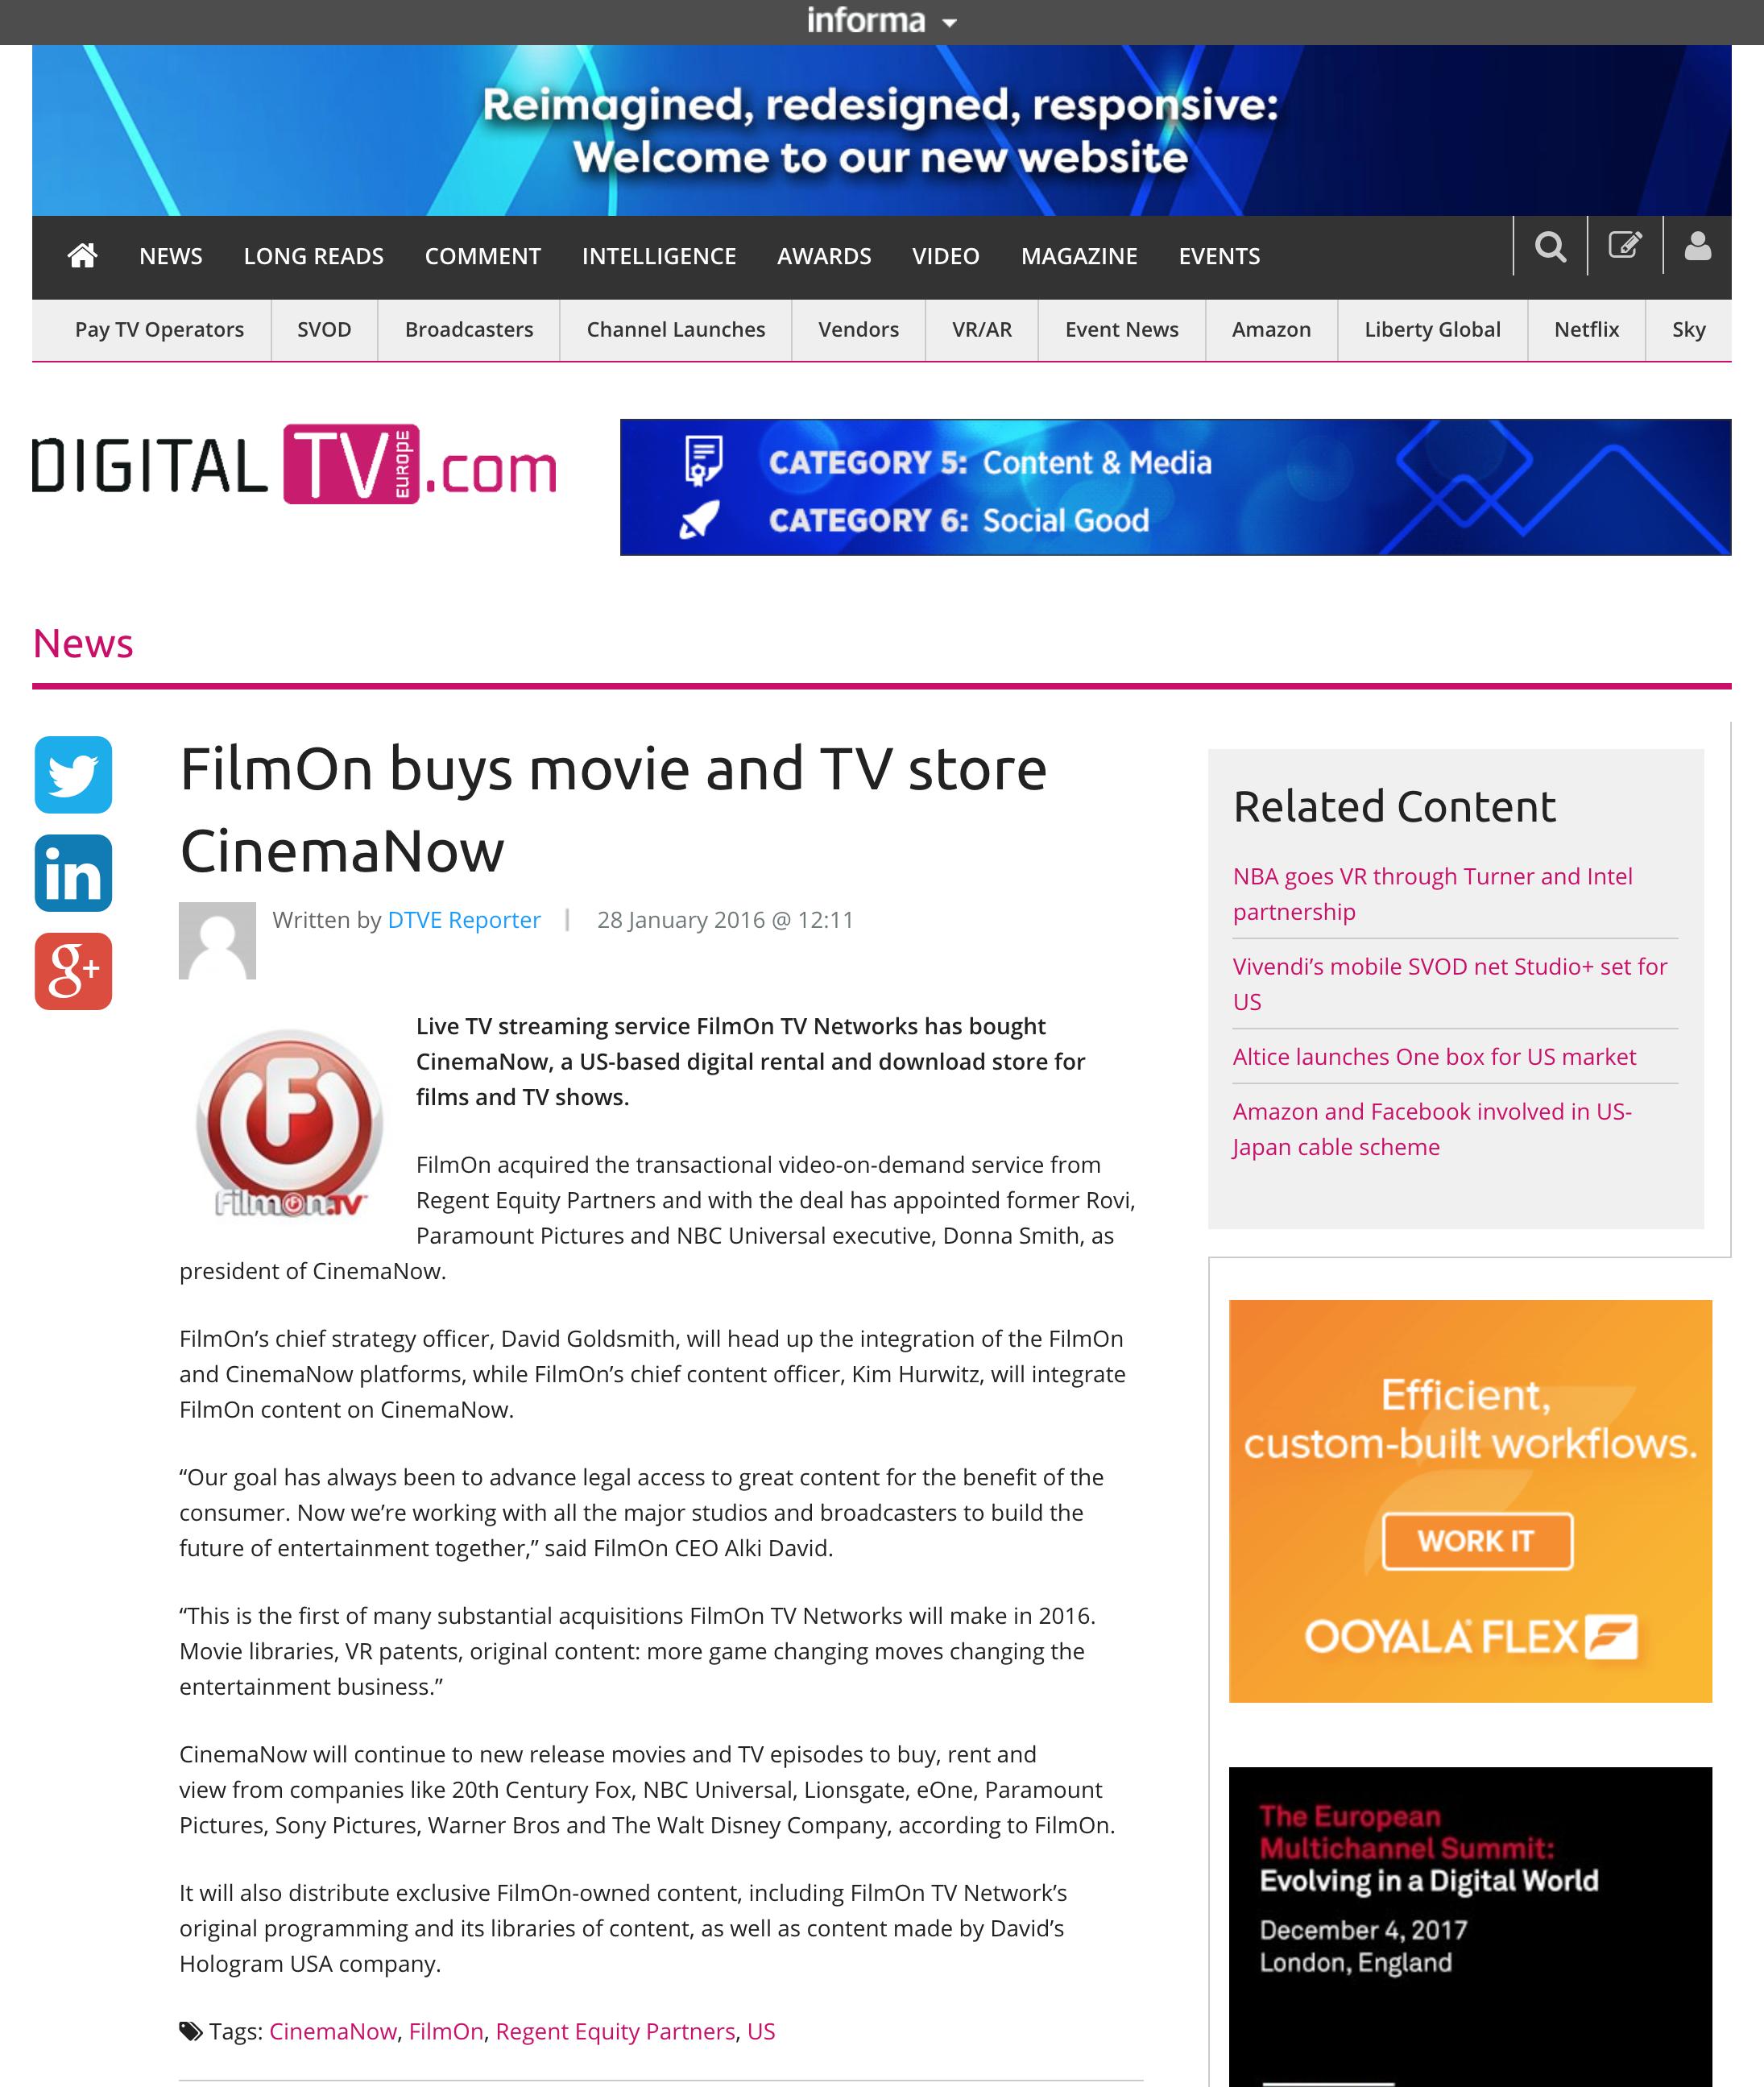 FilmOn Buys Movie and TV Store CinemaNow - Digital TV Europe, January 28, 2016